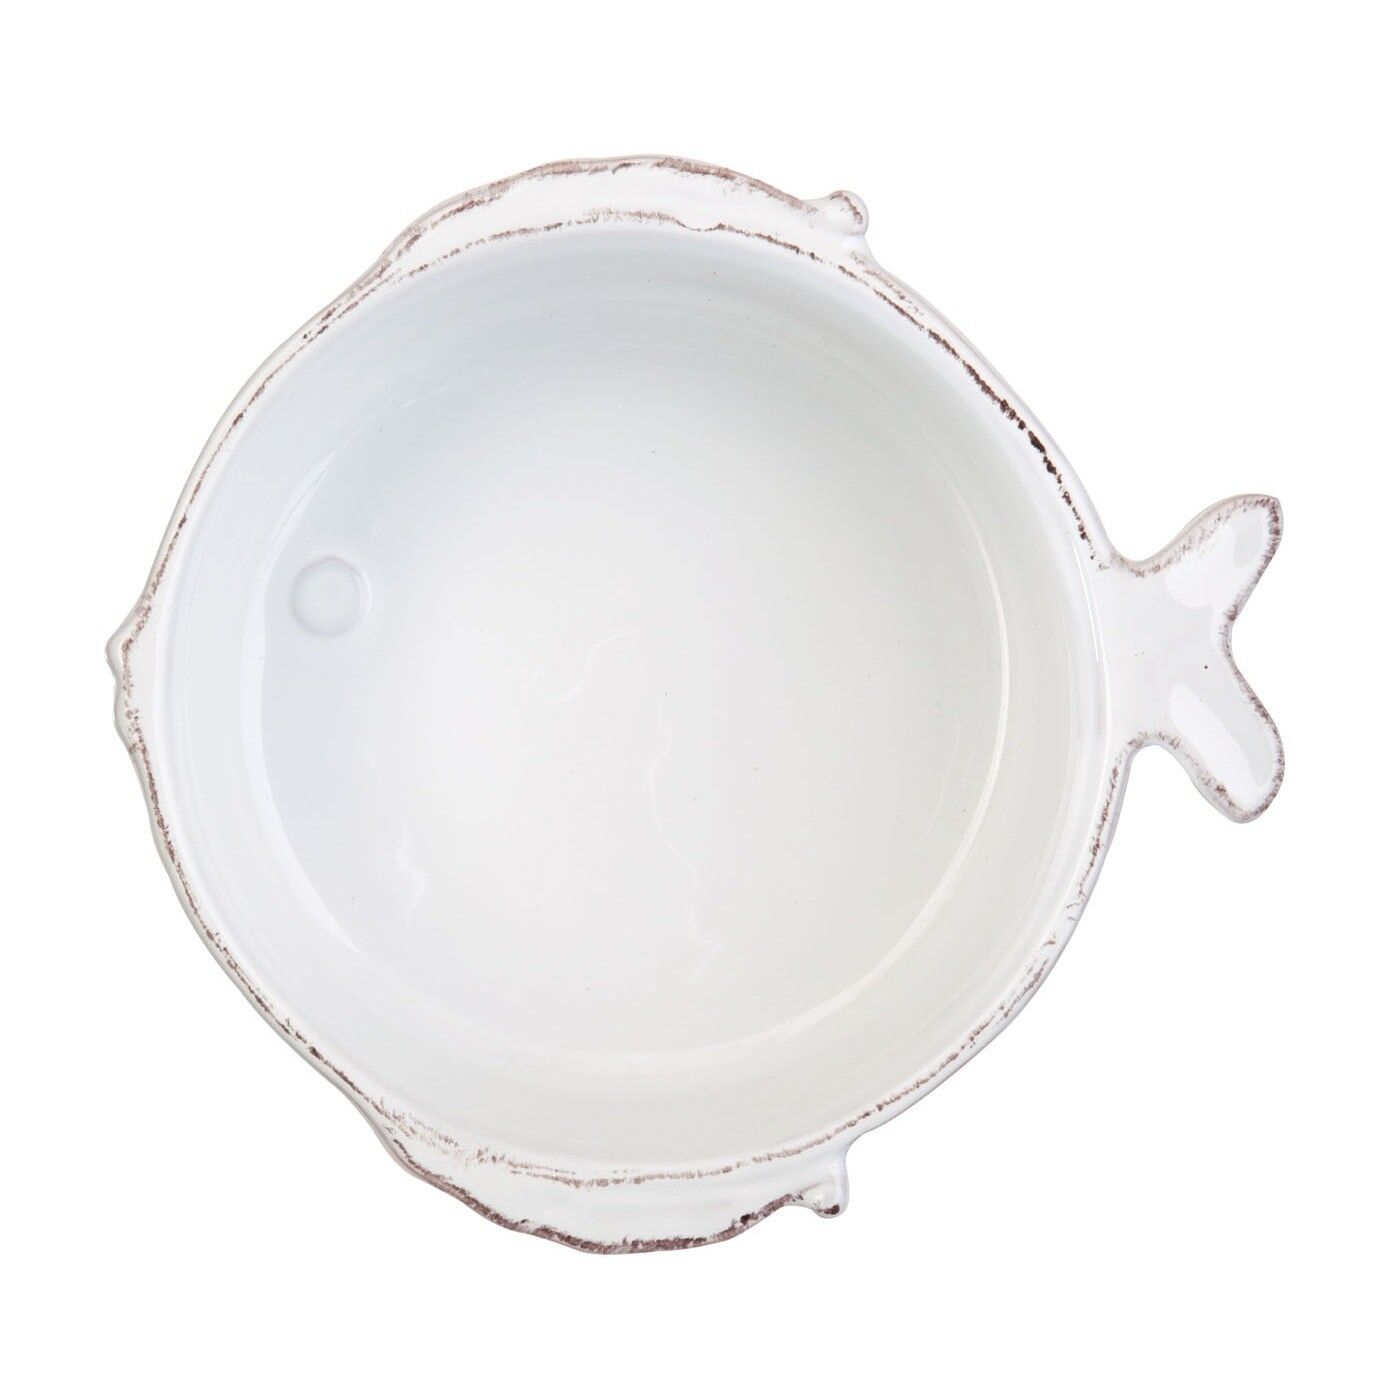 Vietri Lastra Fish Weiß Cereal Bowl - Set von 4